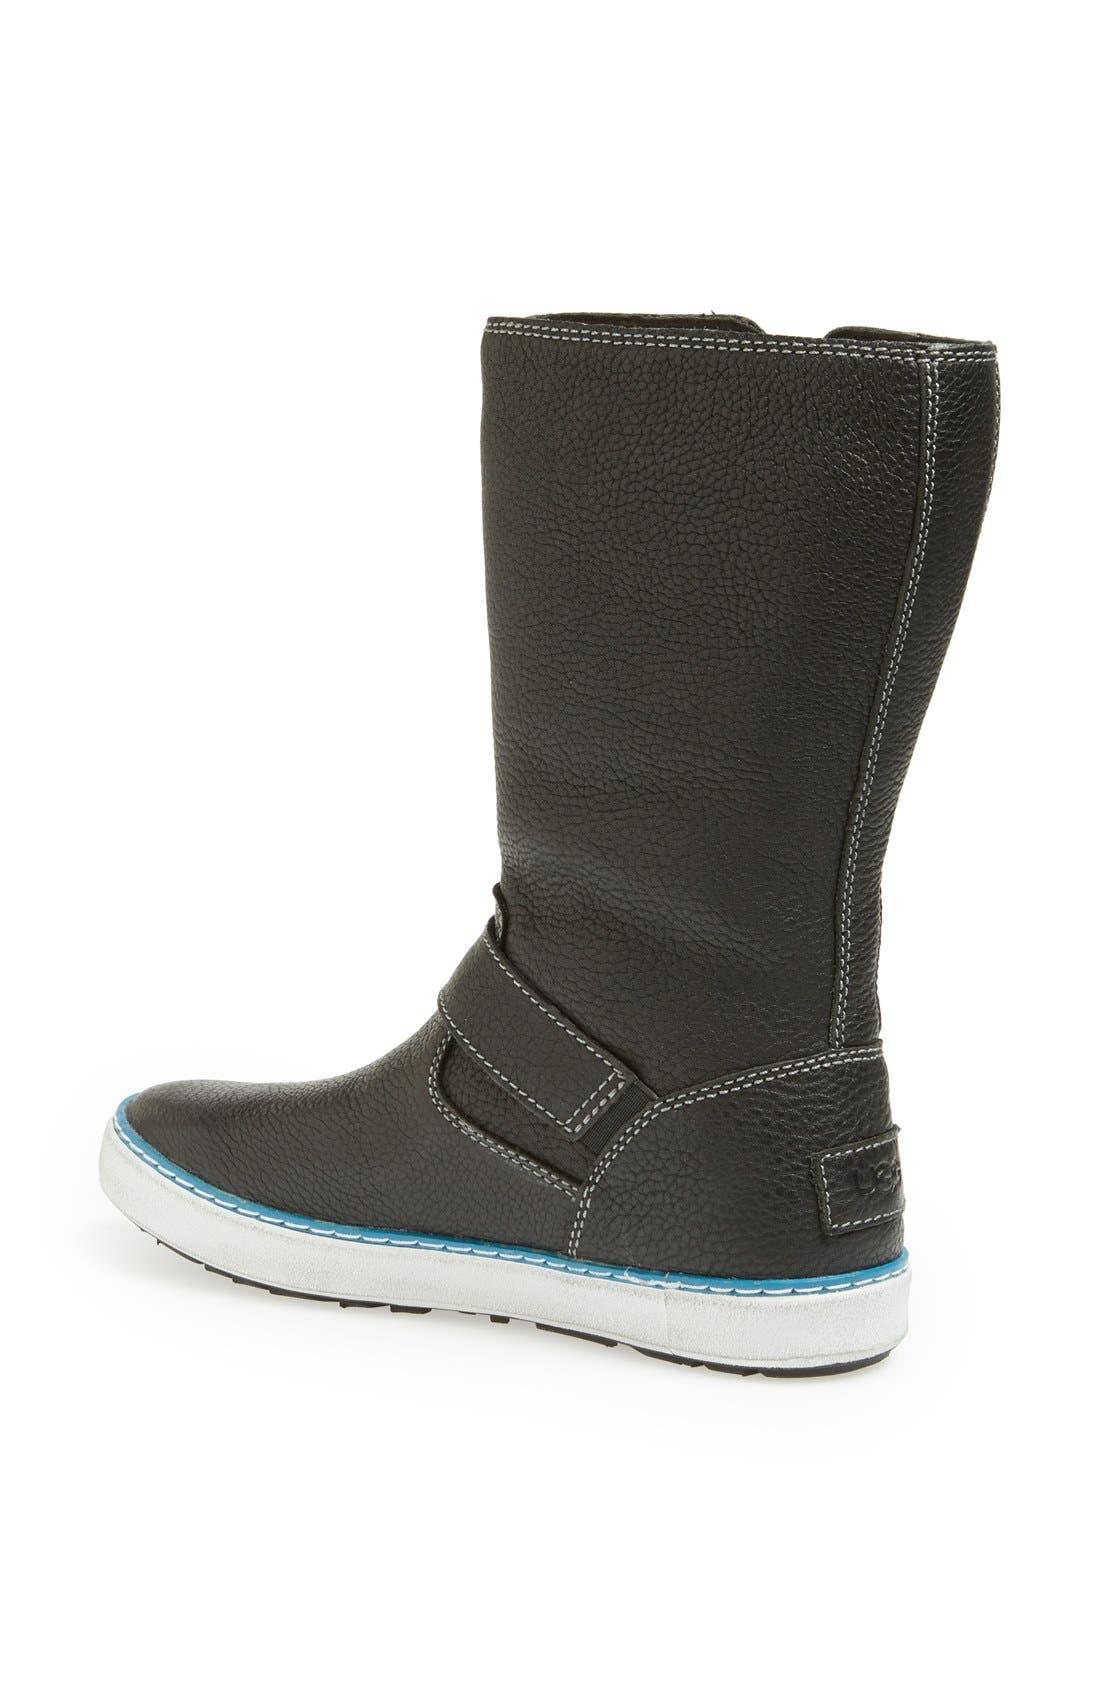 Alternate Image 2  - UGG® 'Andra' Boot (Women)